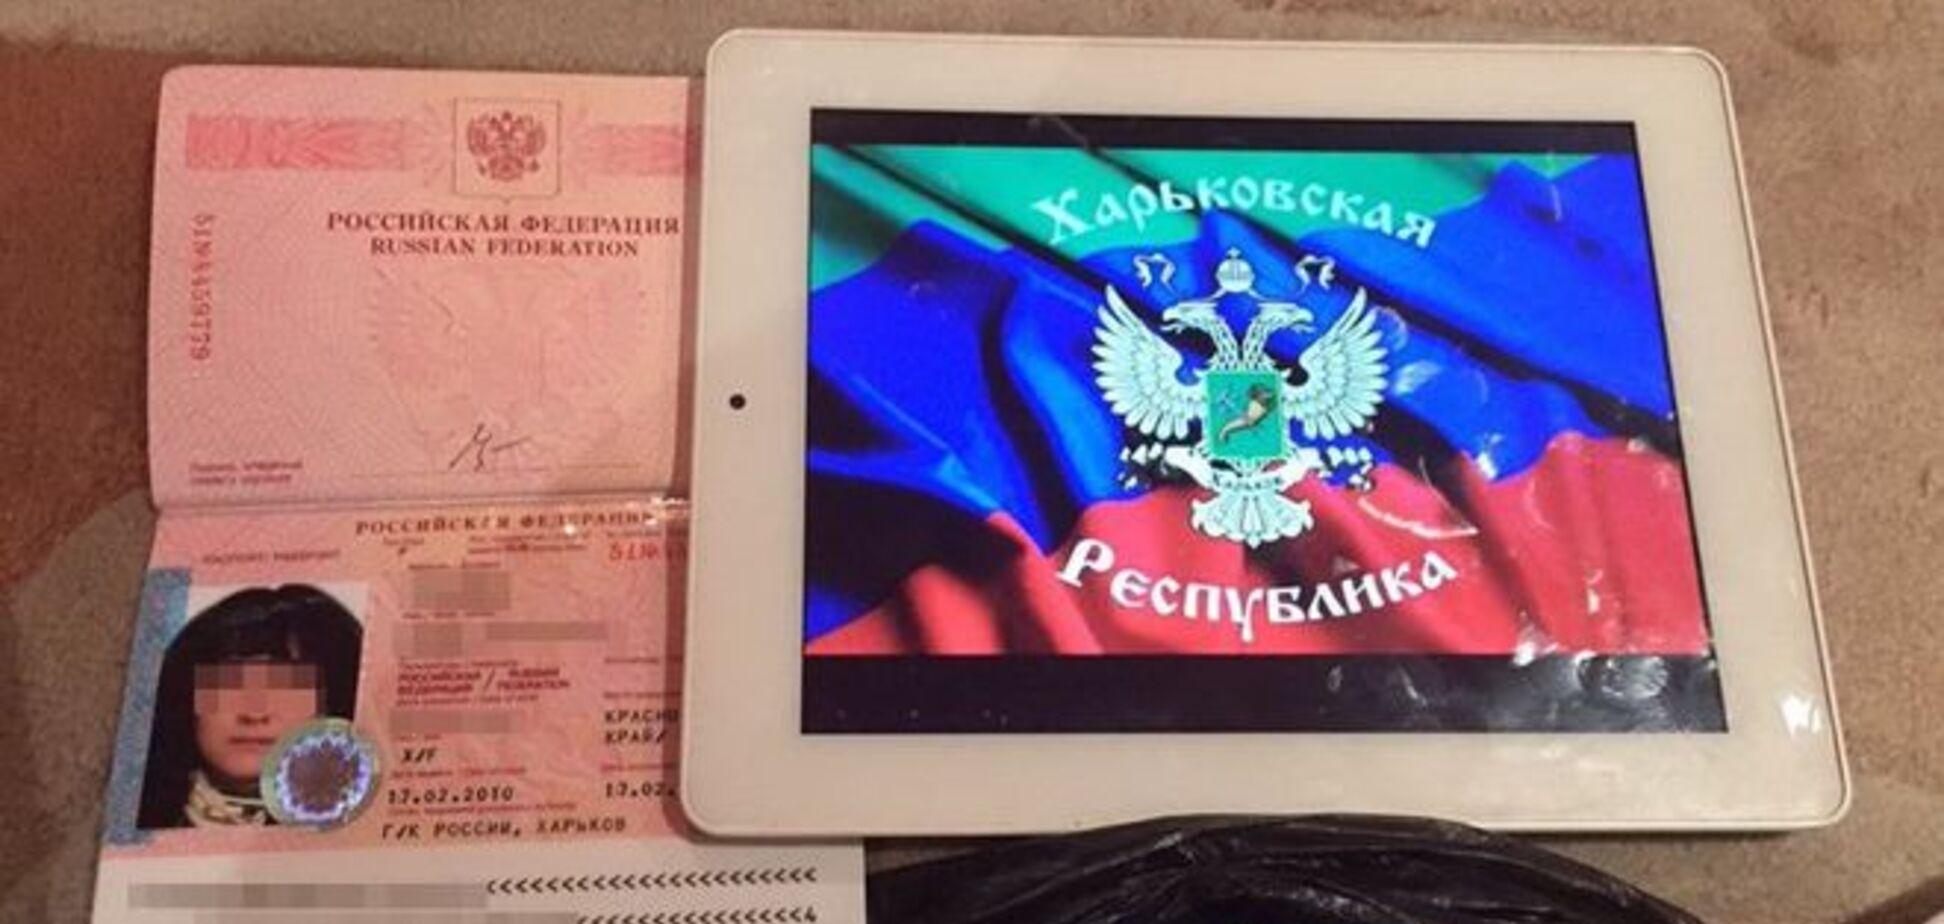 СБУ задержала россиянку по подозрению в организации терактов в Харькове